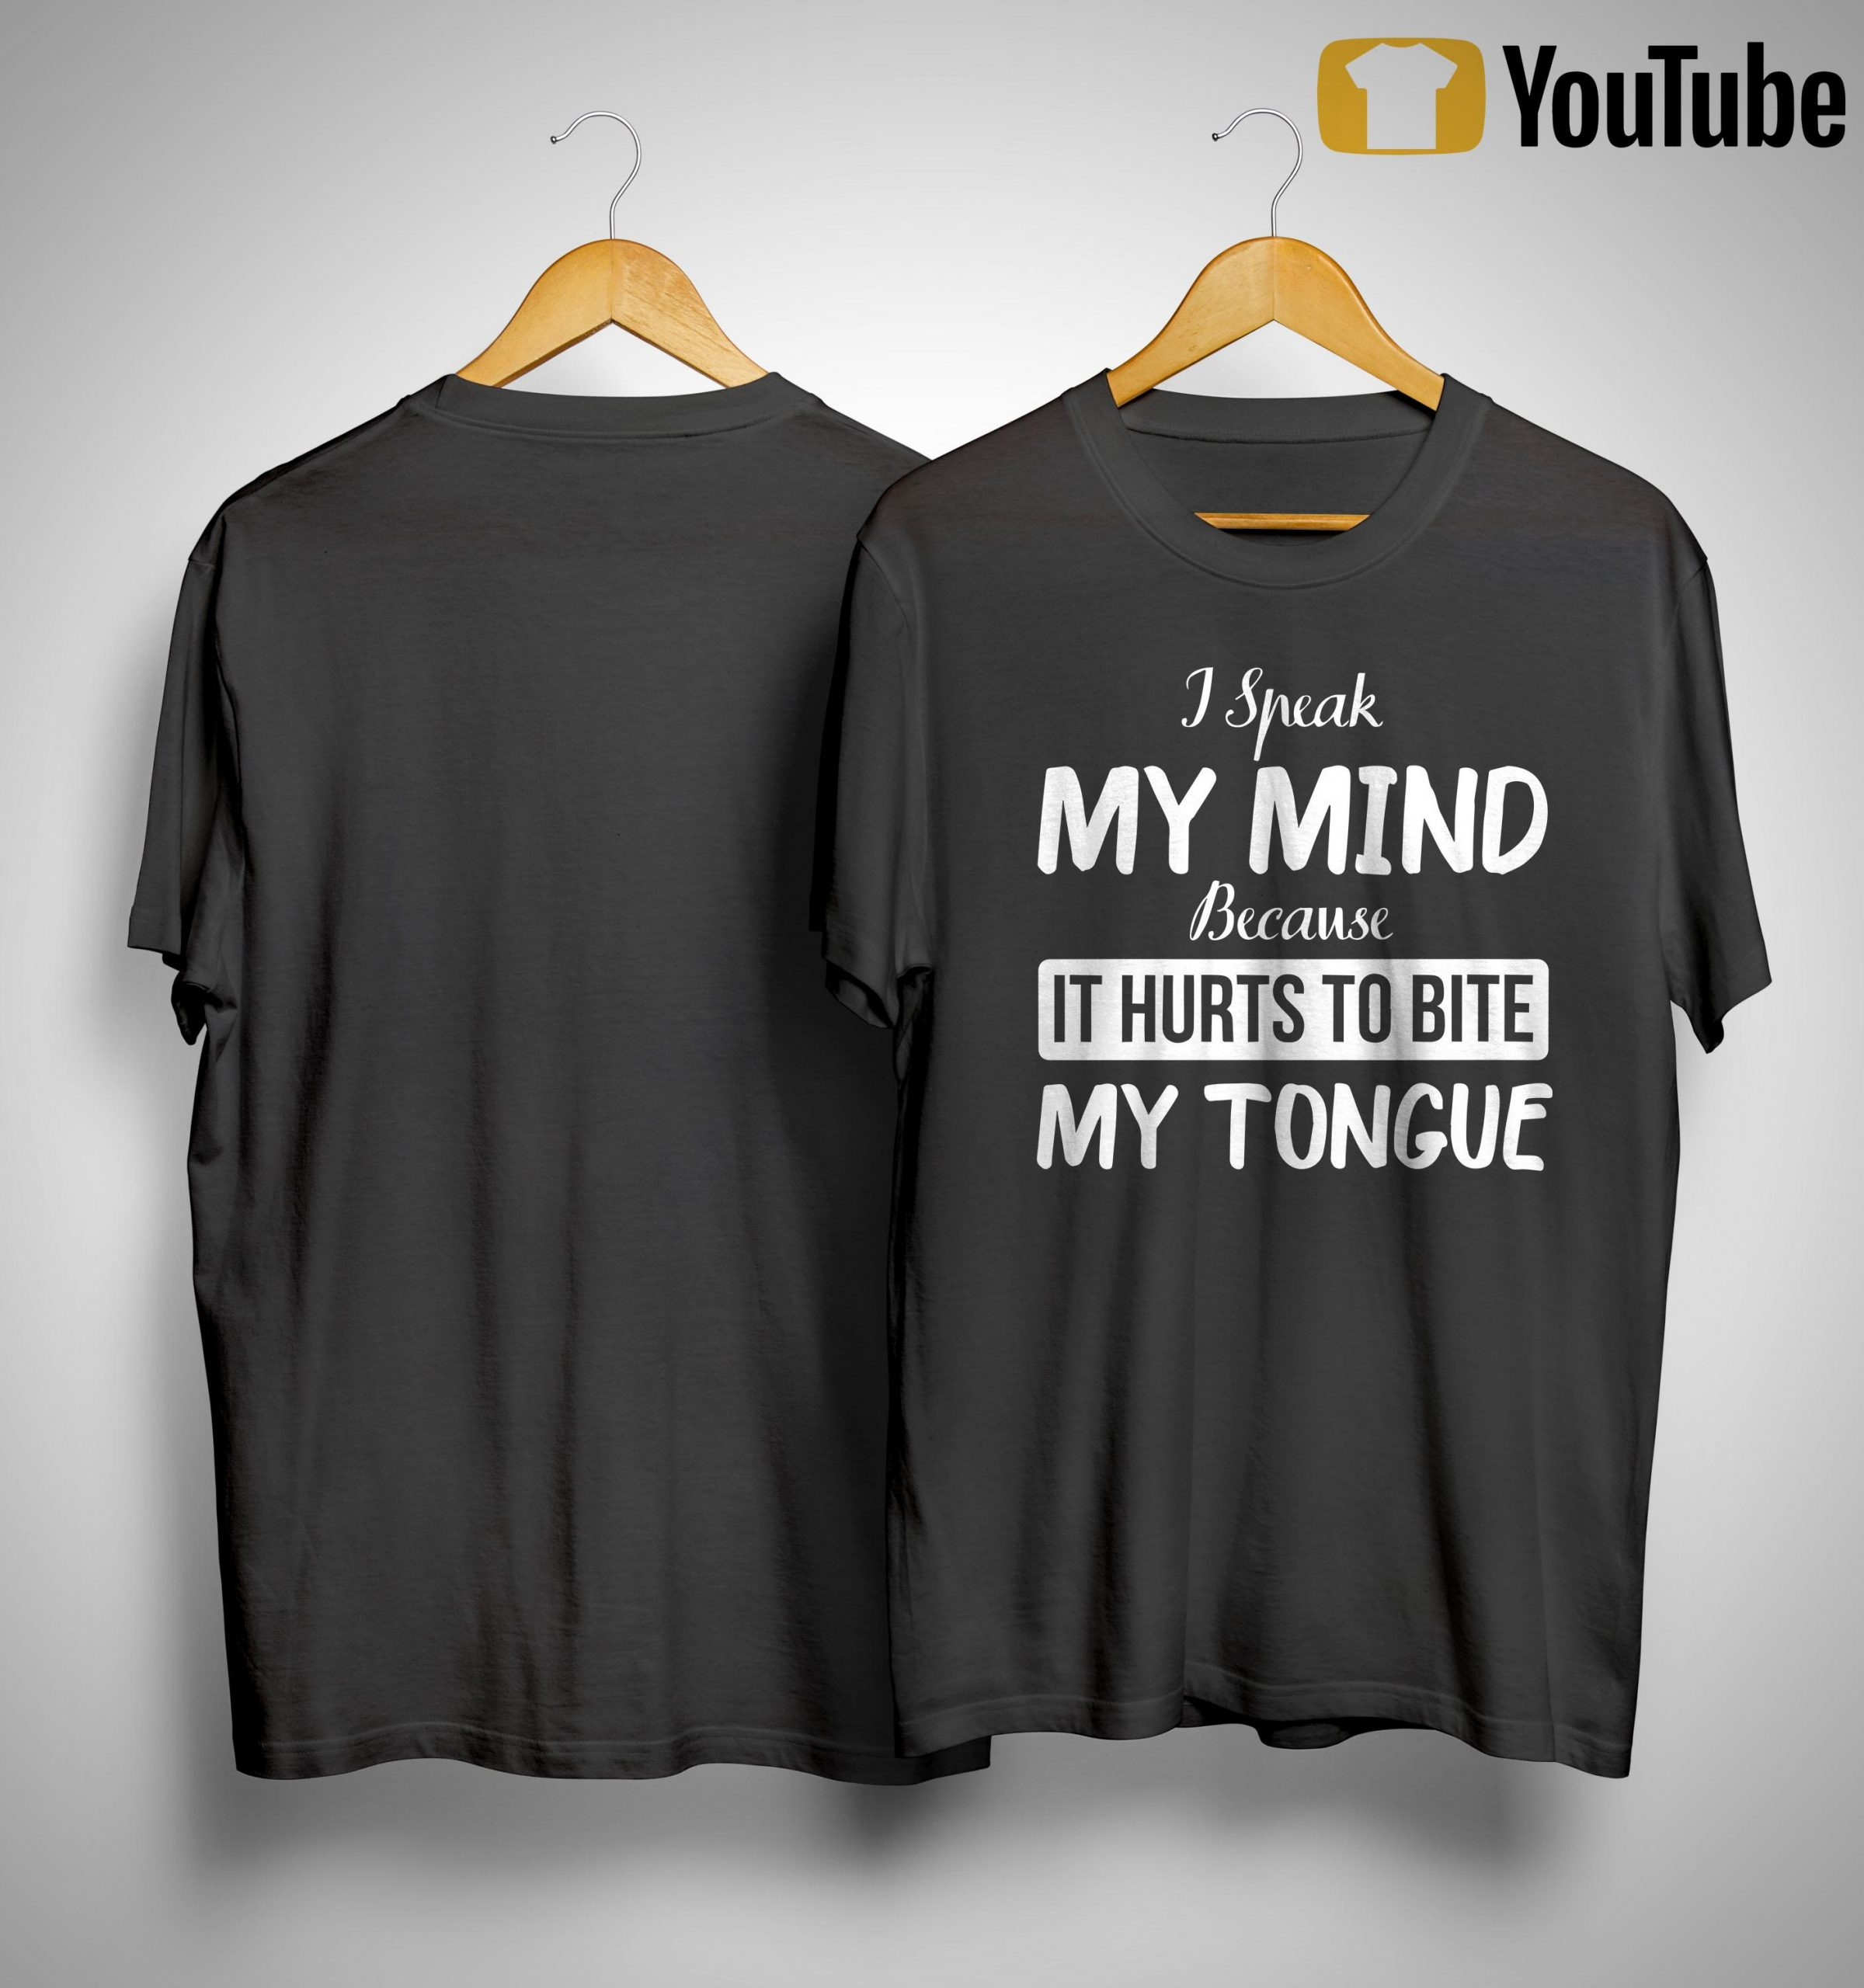 I Speak My Mind Because It Hurts To Bite My Tongue Shirt